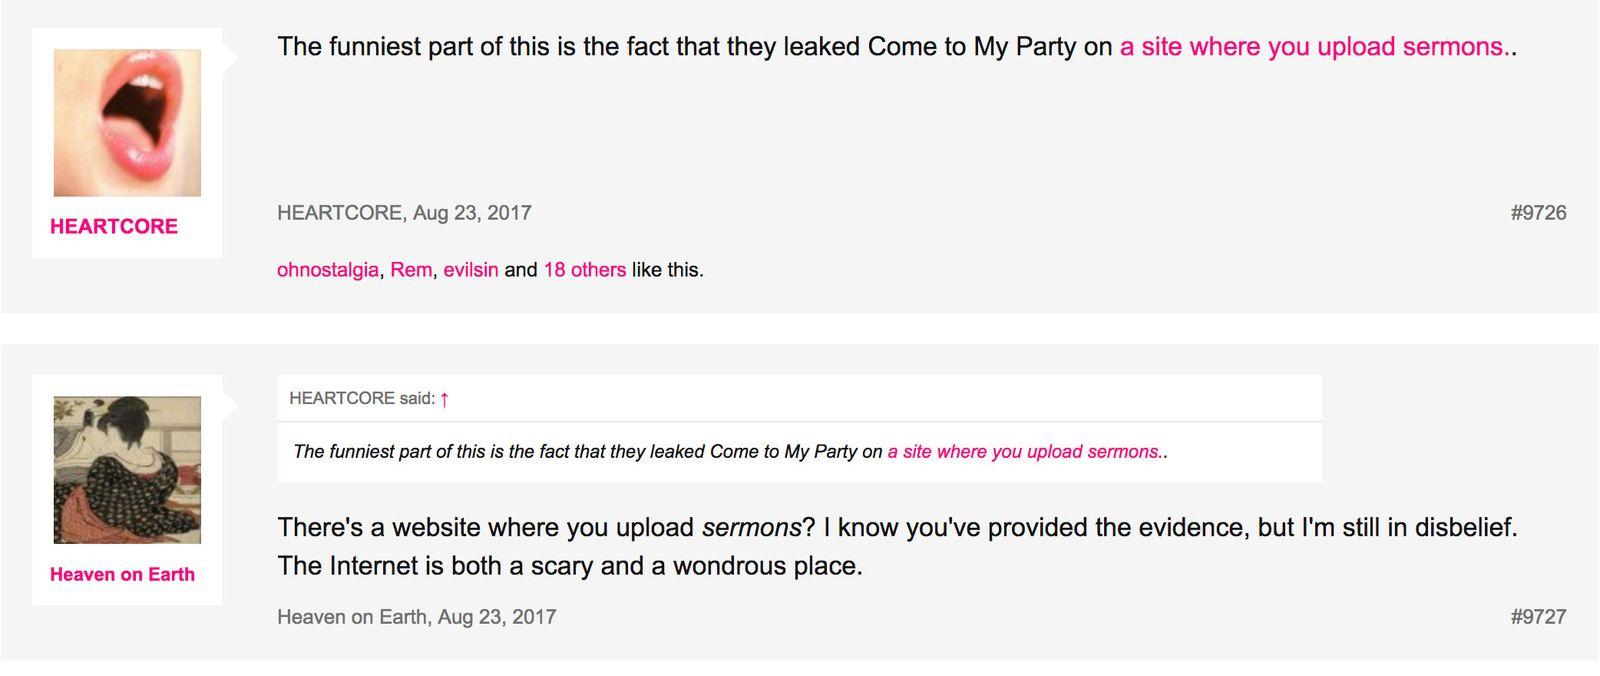 charli xcx album leak investigation